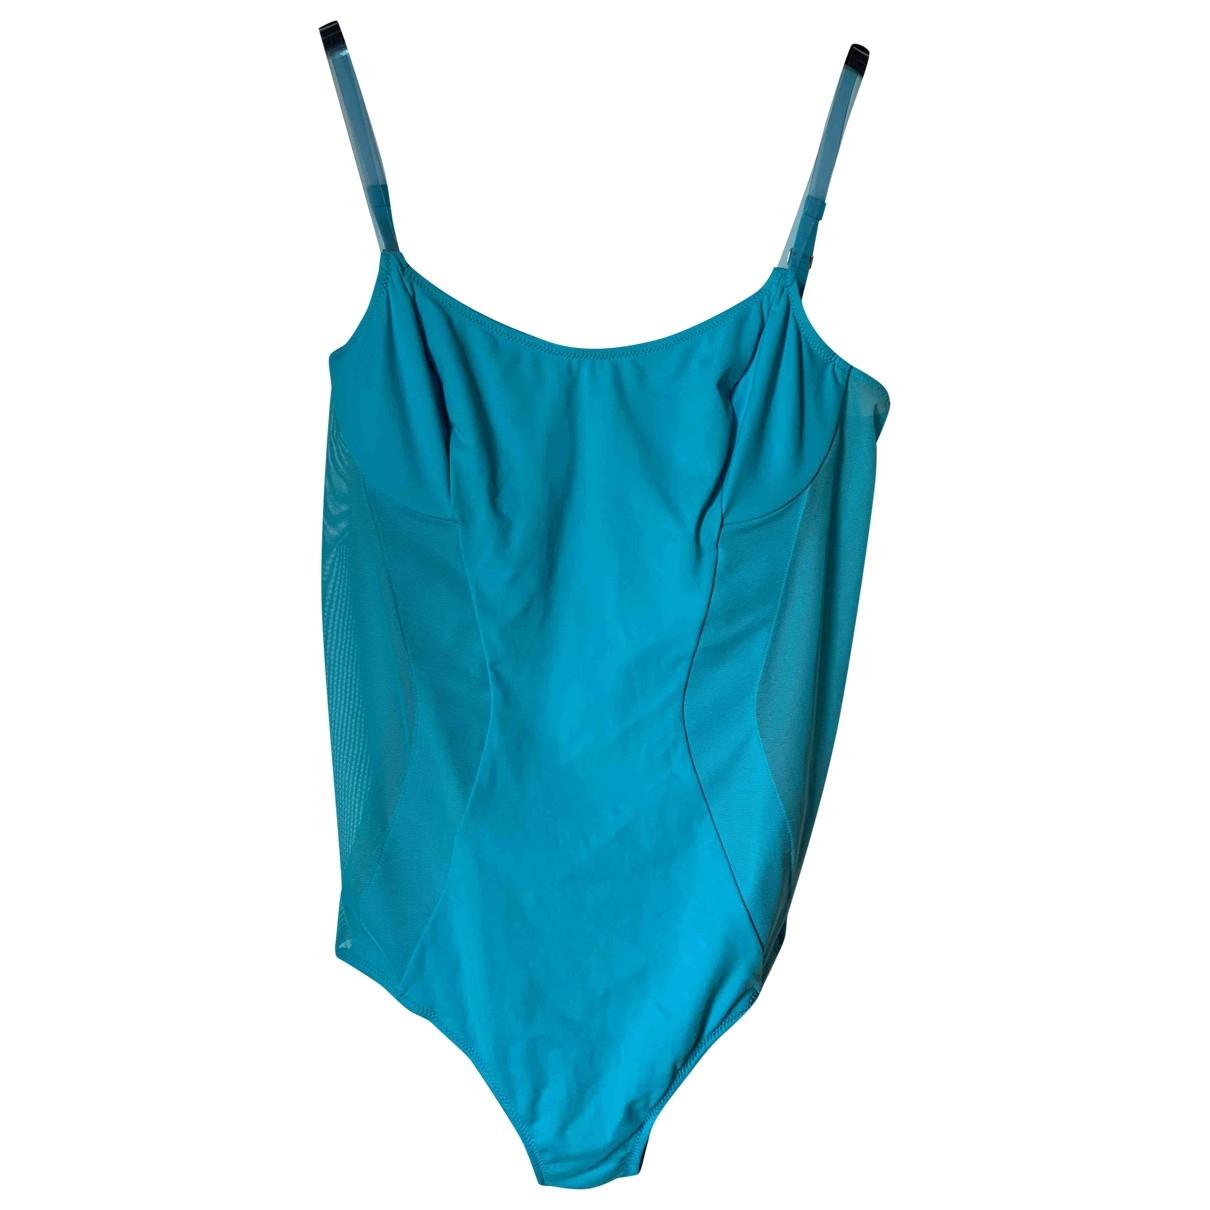 La Perla \N Turquoise Swimwear for Women 46 IT